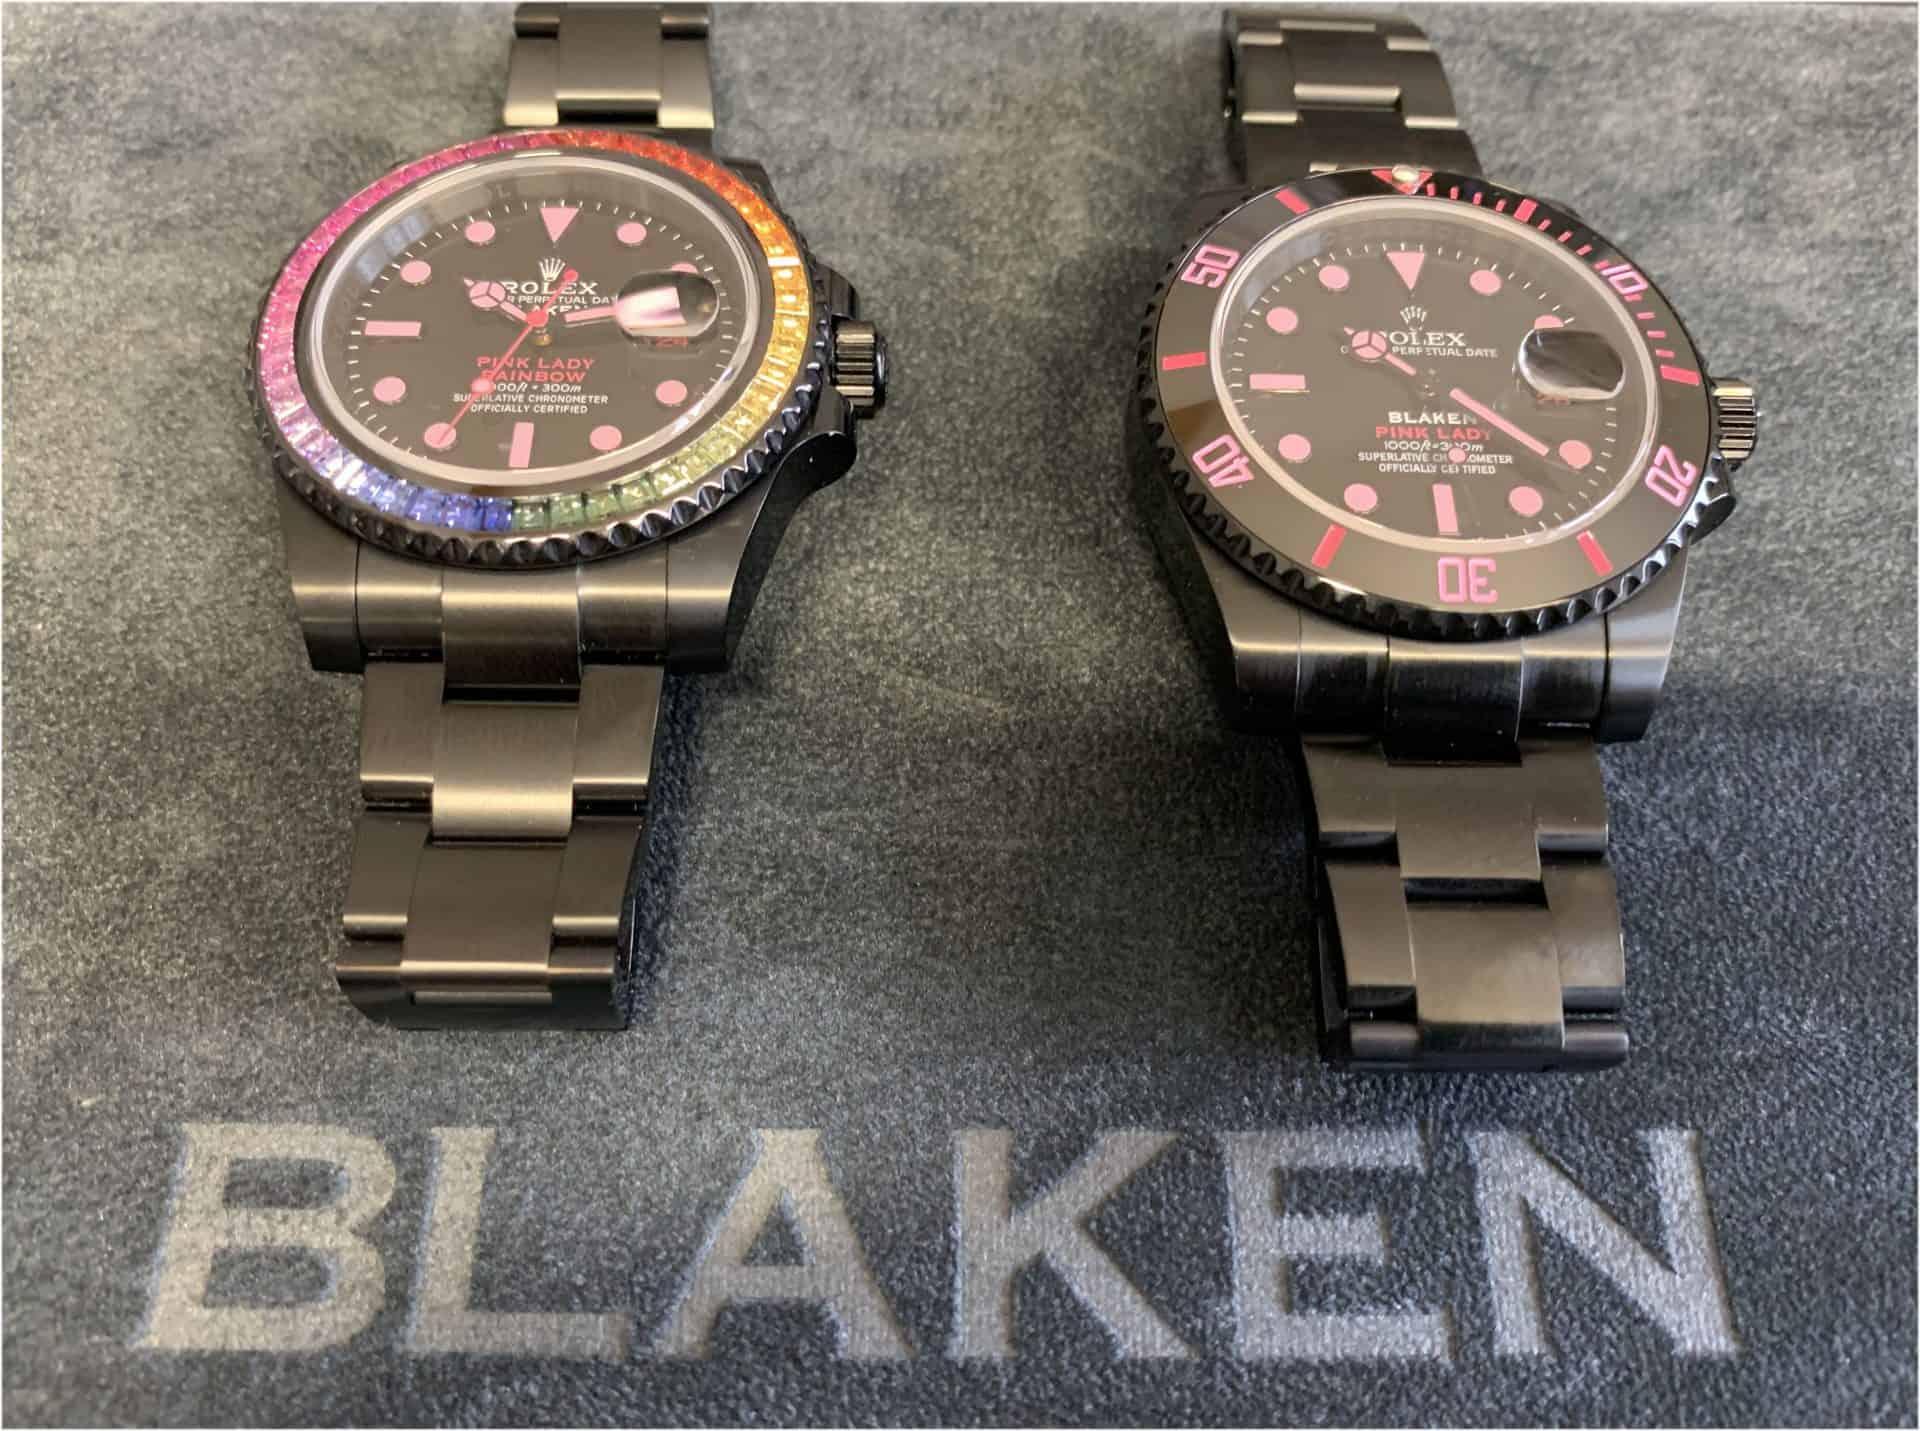 Nach der Modifikation durch Blaken tragen die Rolex Oyster Perpetual Submariner Modelle den Beinamen Pink Lady Rainbow. Das links abgebildete Rainbow-Modell findet mit Edelstein-Lünette ans Handgelenk